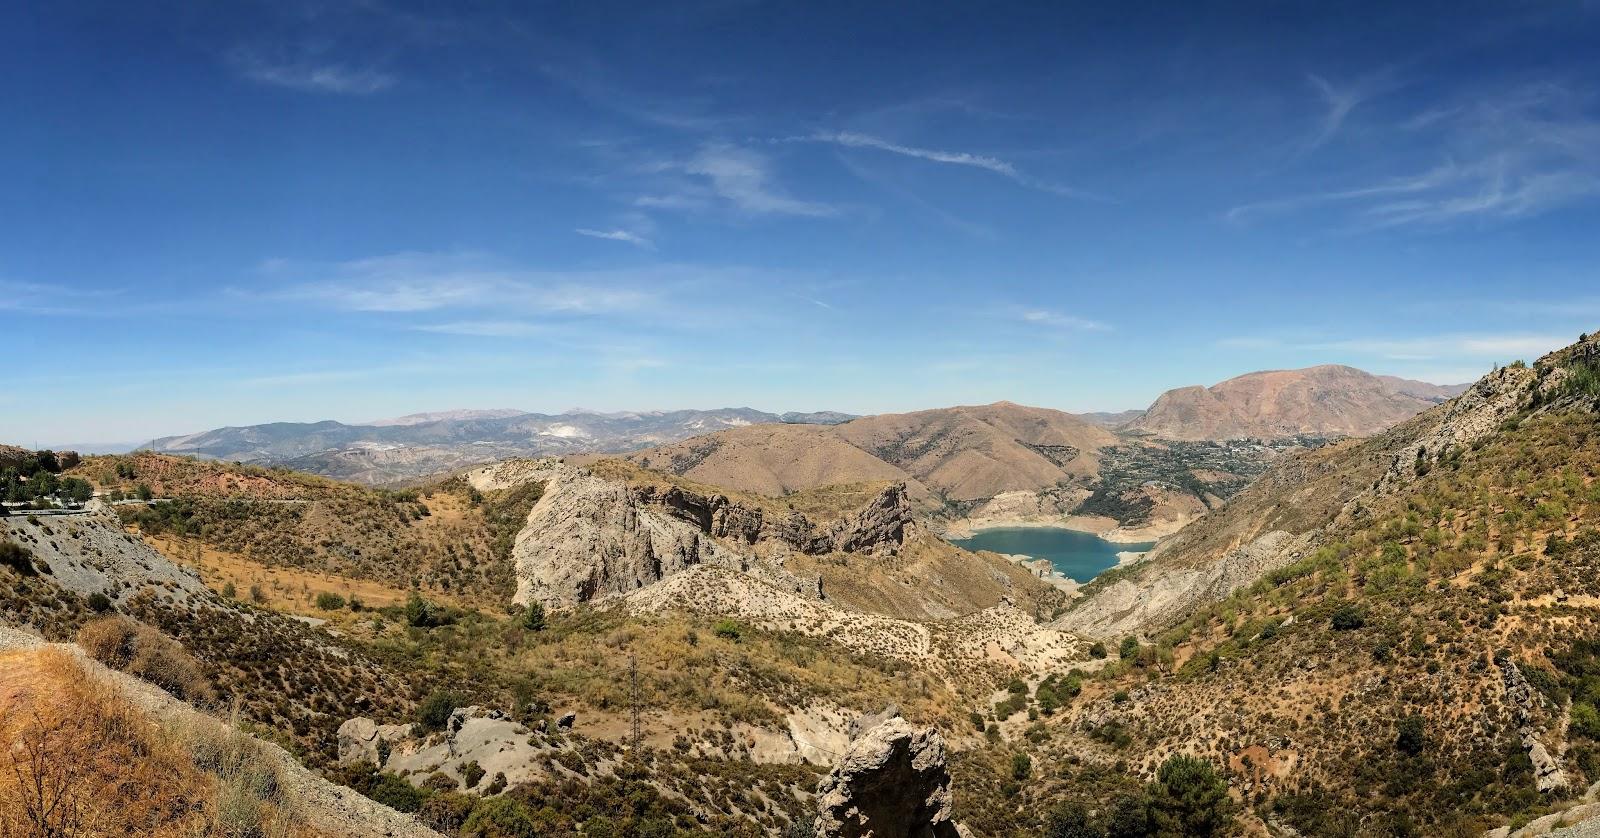 Moto Euro Trip 2017: z UK na Gibraltar - dzień 7, część 1 - PICO DEL VALETA w górach Sierra Nevada - najwyższa droga Europy